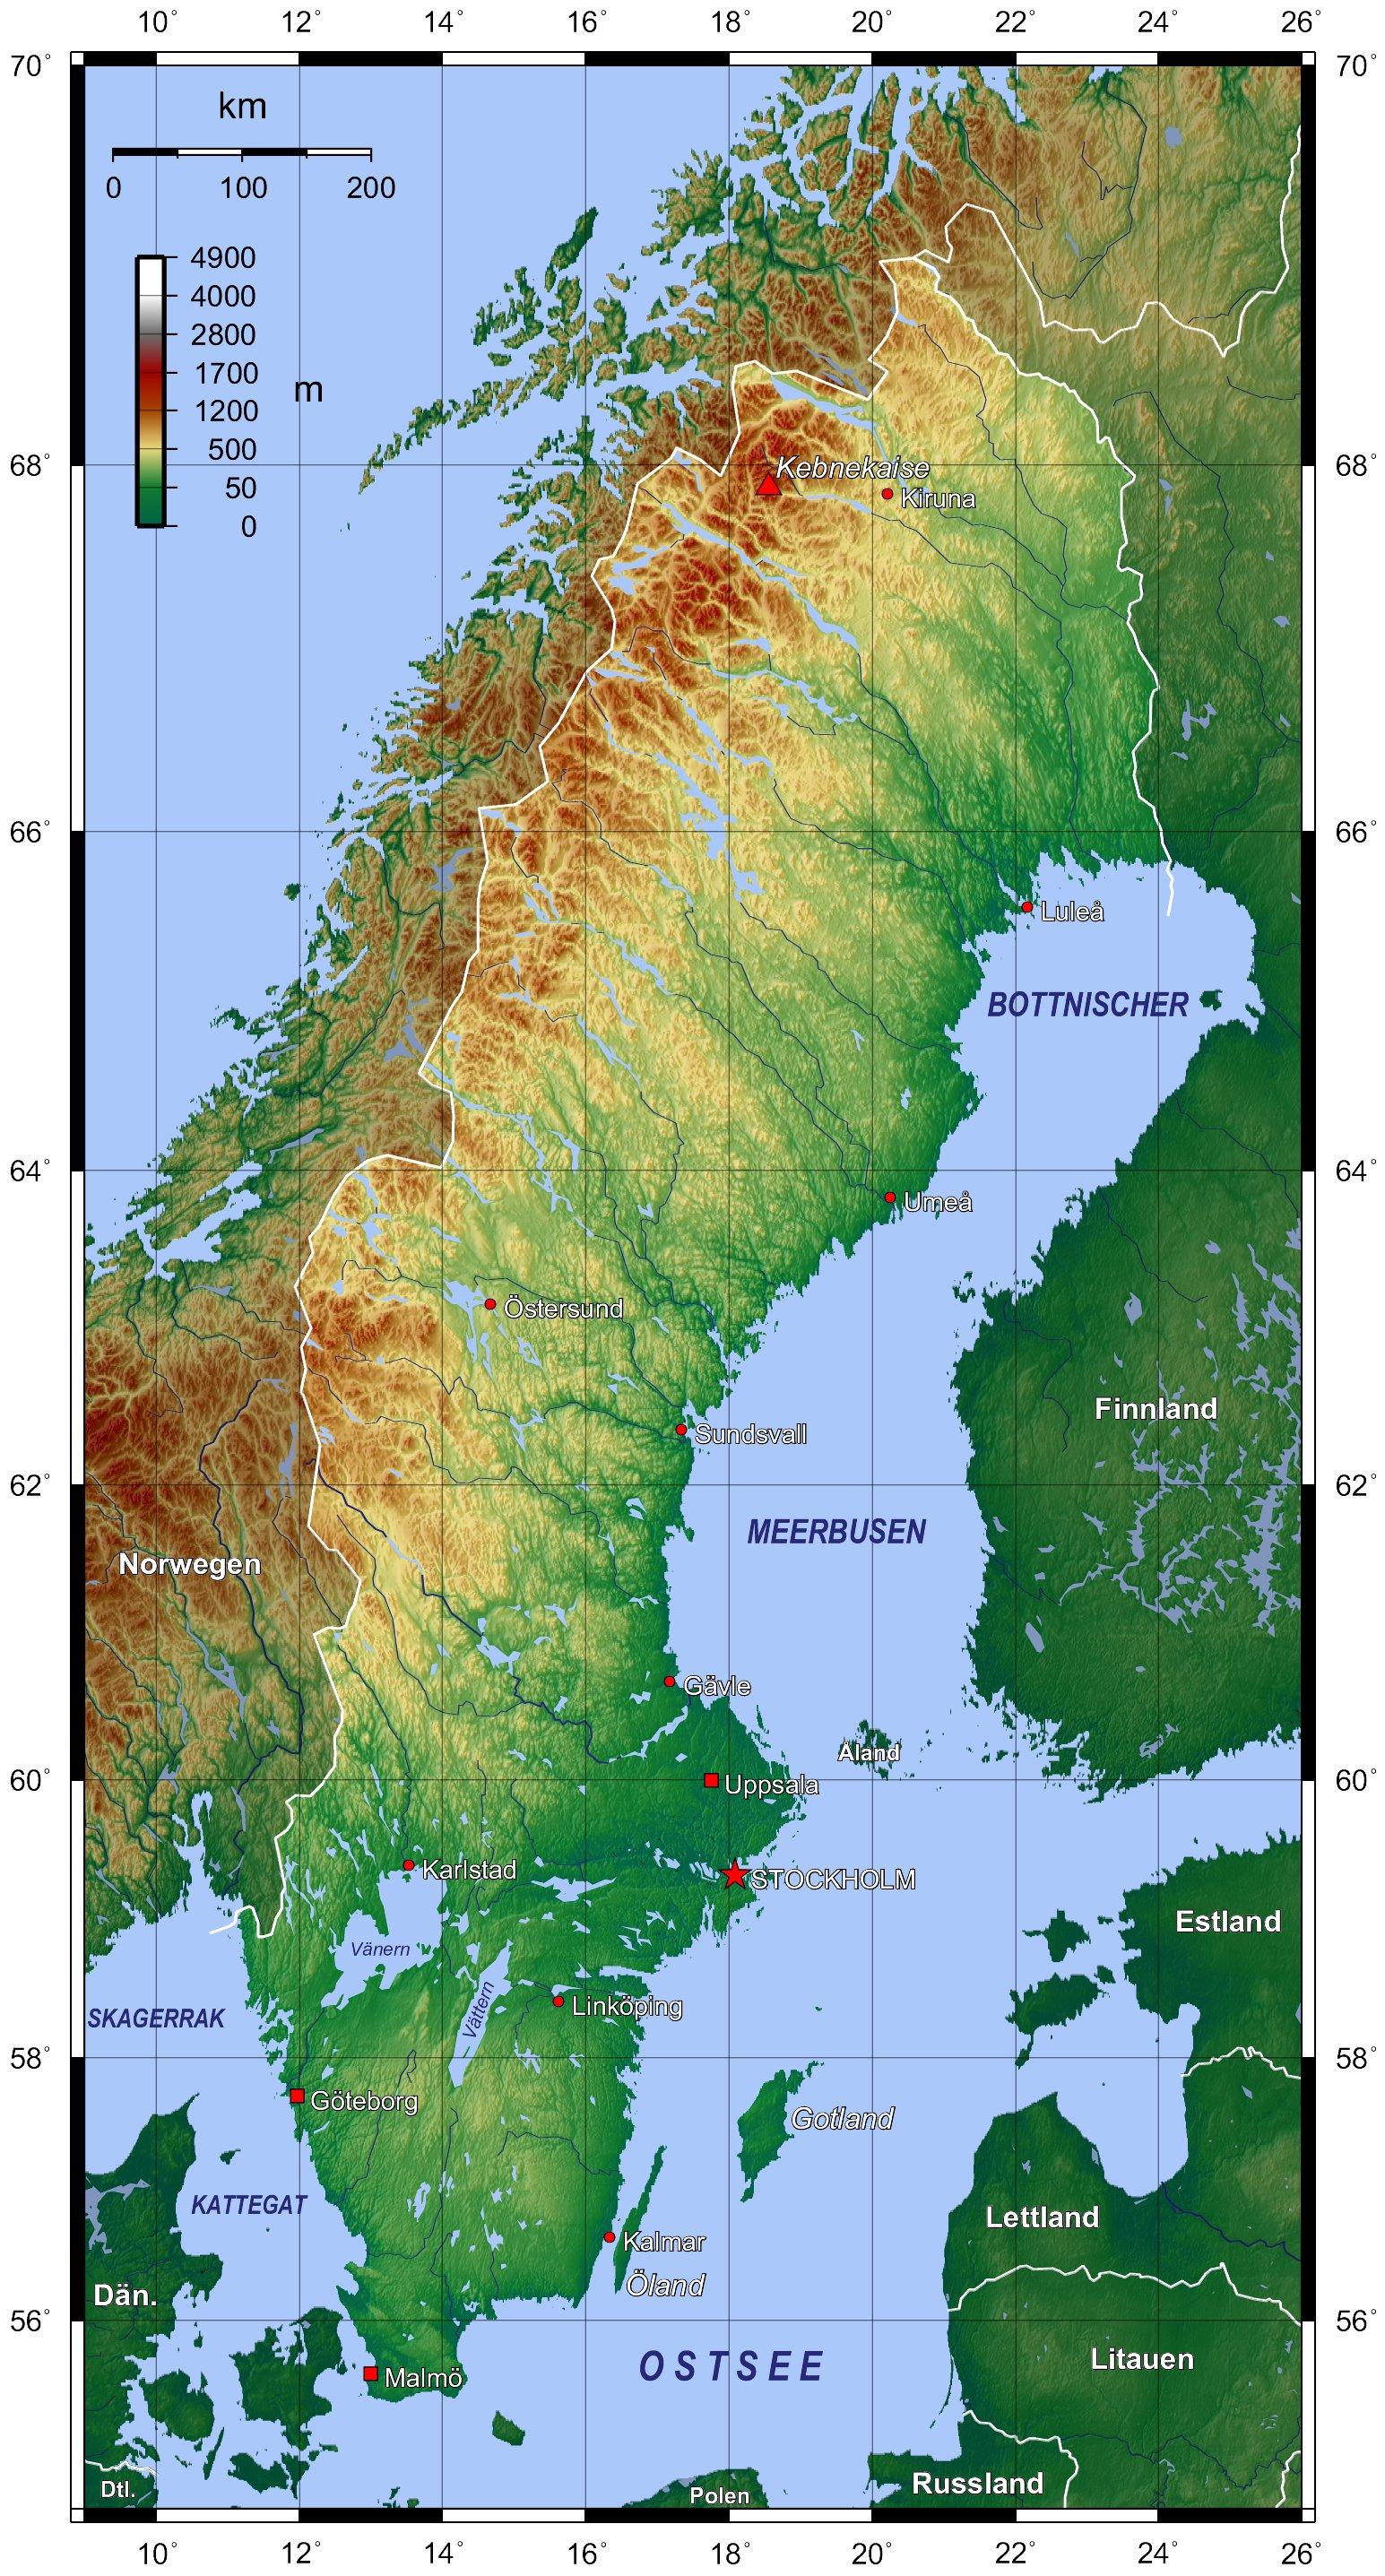 Topographische Karte Ungarn.Topographische Karte Schweden Hanzeontwerpfabriek